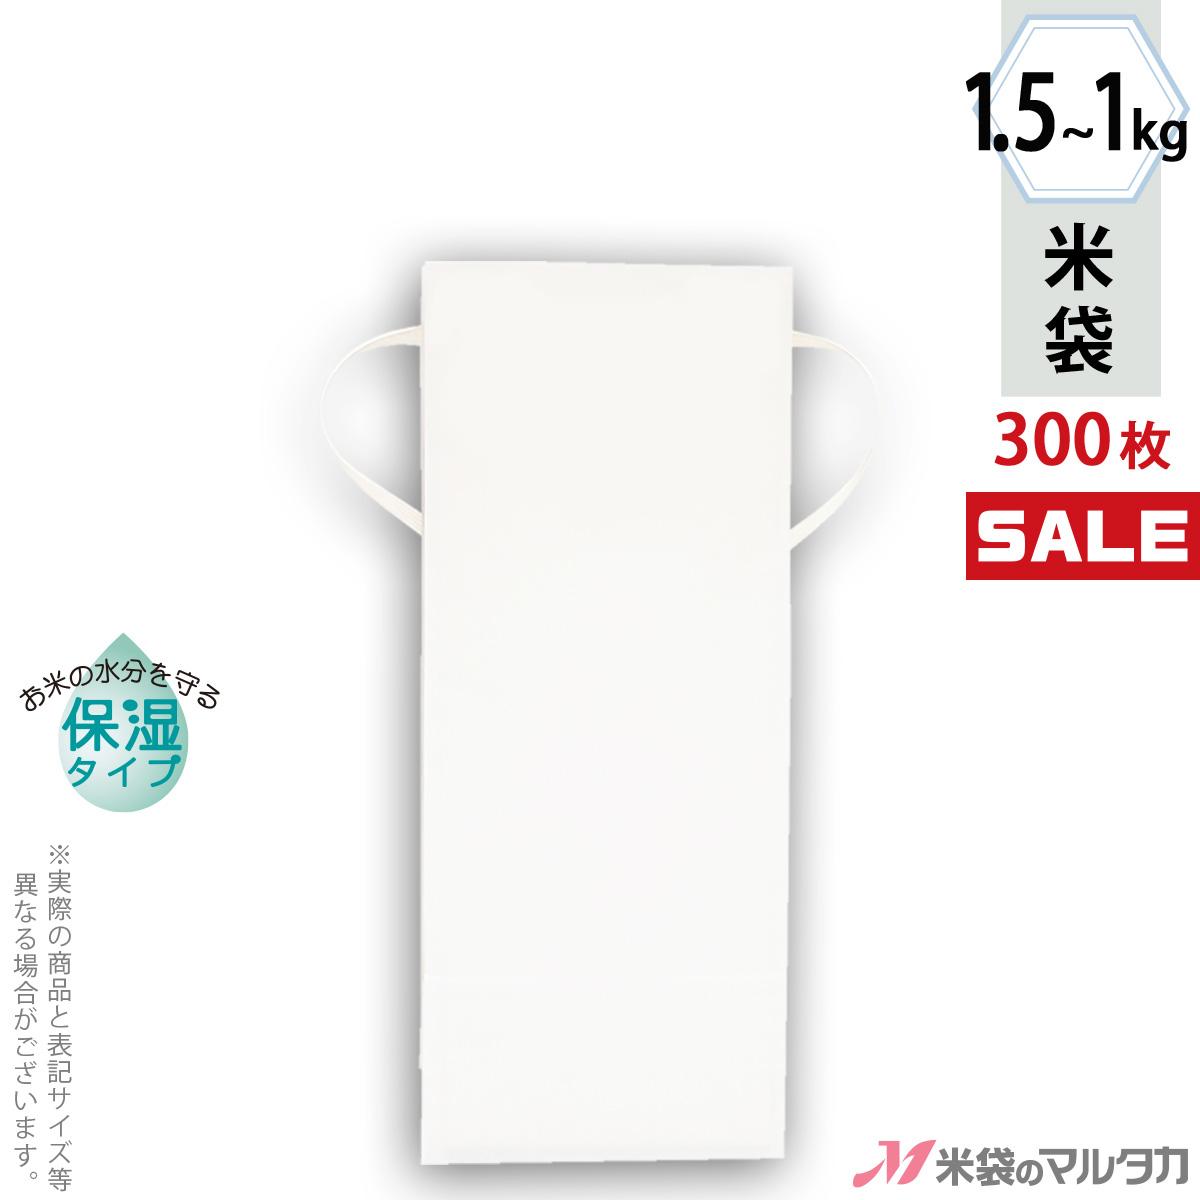 <キャンペーン対応>米袋 KHP-841 マルタカ クラフトSP 白クラフト保湿タイプ 無地 窓なし 1~1.5kg用紐付 【米袋1~1.5kg】【1ケース(300枚入)】